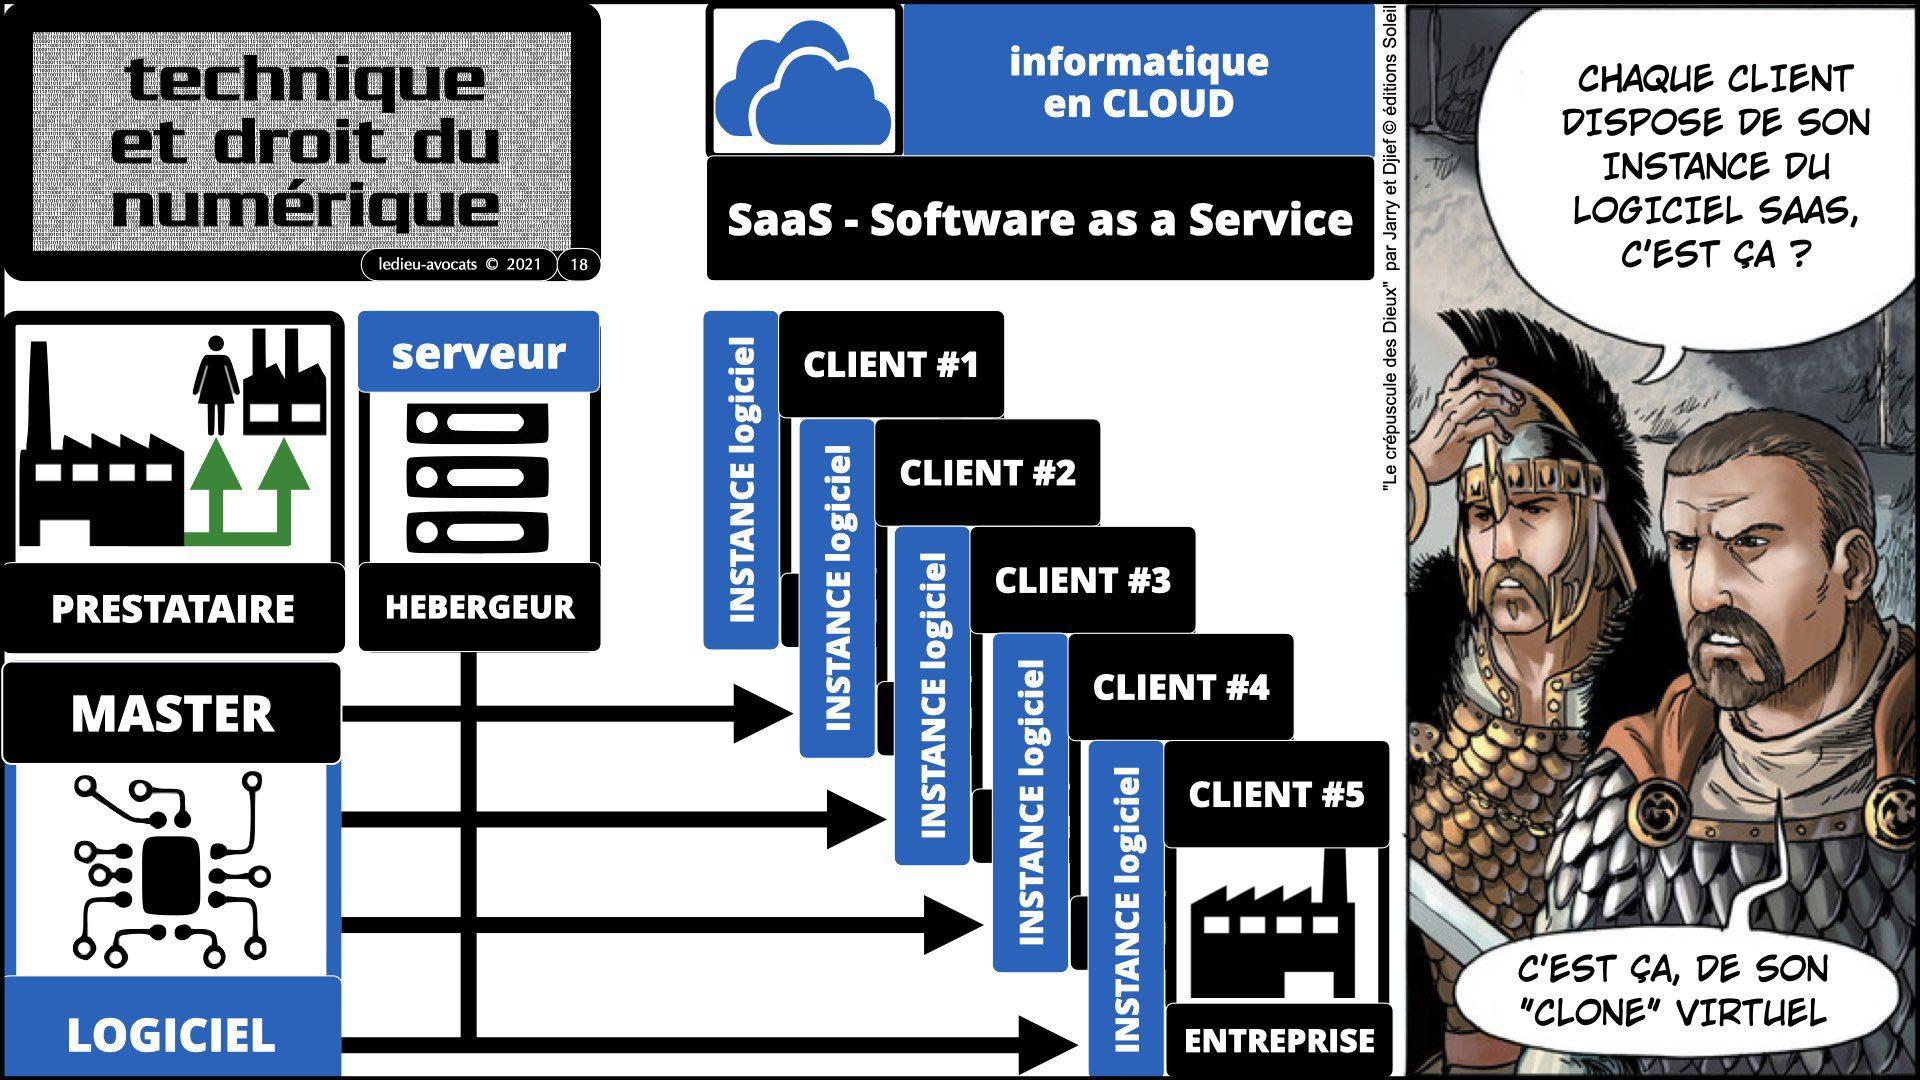 INSTANCE SaaS LOGICIEL #2 service logiciel SaaS Software-as-a-Service cloud computing © Ledieu-Avocats technique droit numérique